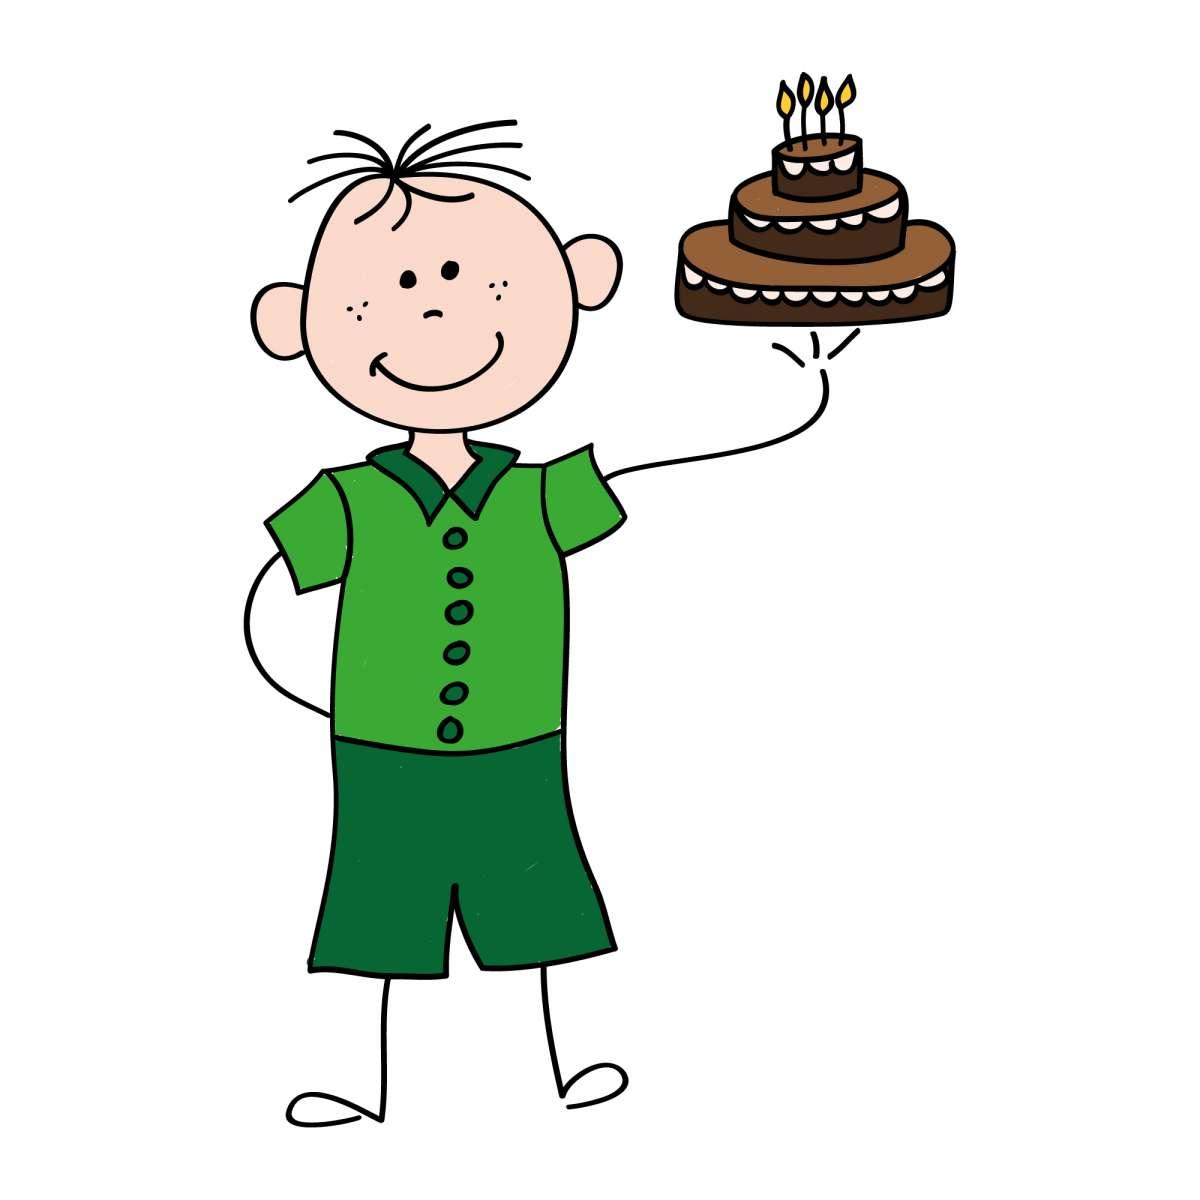 יום הולדת לילדים - כך תעשו זאת נכון